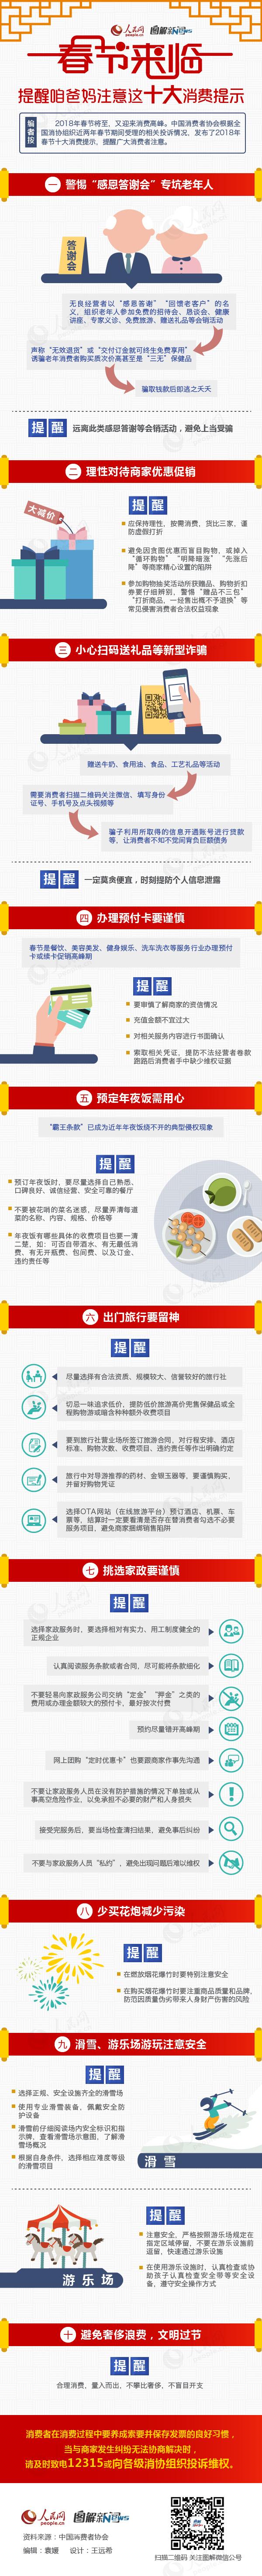 澳门新金沙国际:图解:春节来临,提醒咱爸妈注意这十大消费提示!